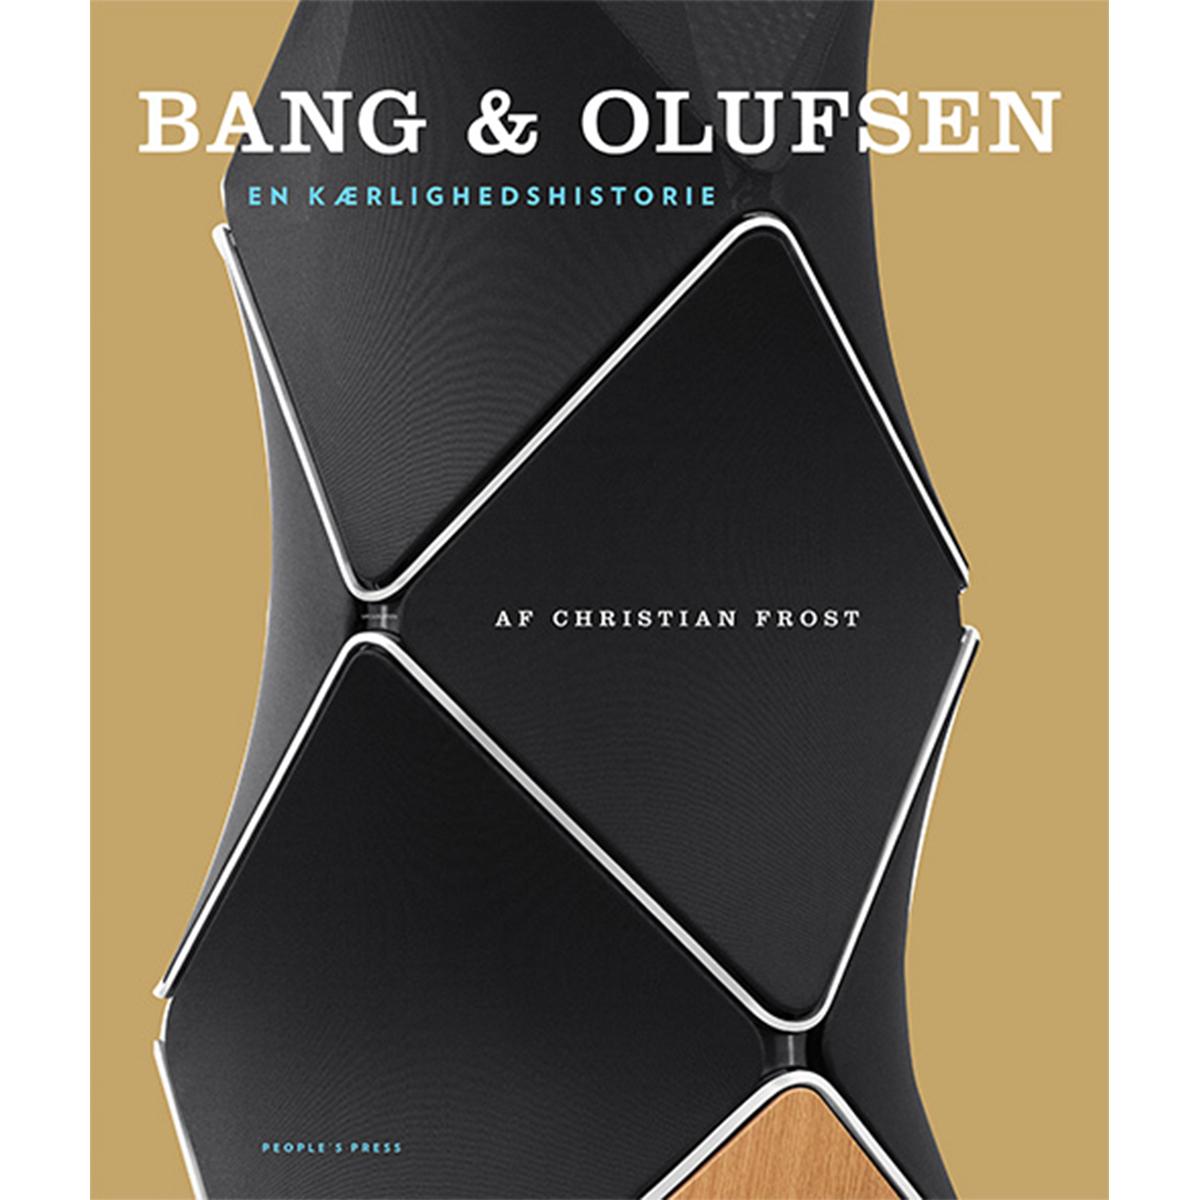 Billede af Bang & Olufsen - En kærlighedshistorie - Indbundet